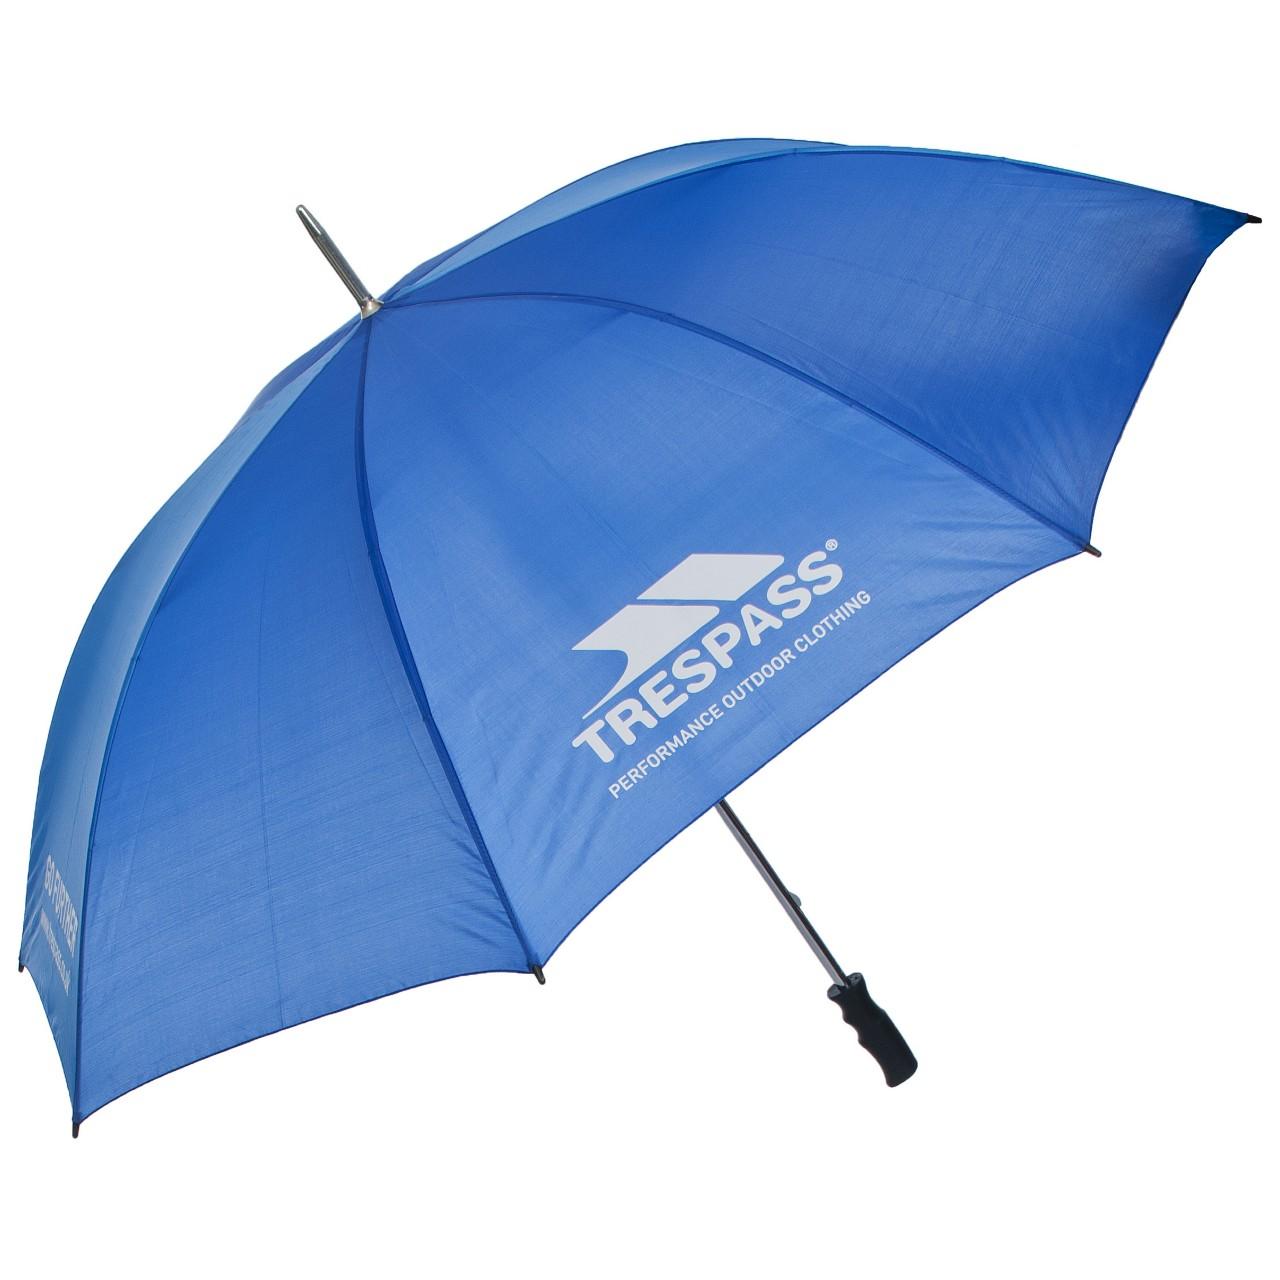 Billede af Trespass Golf Paraply Blå